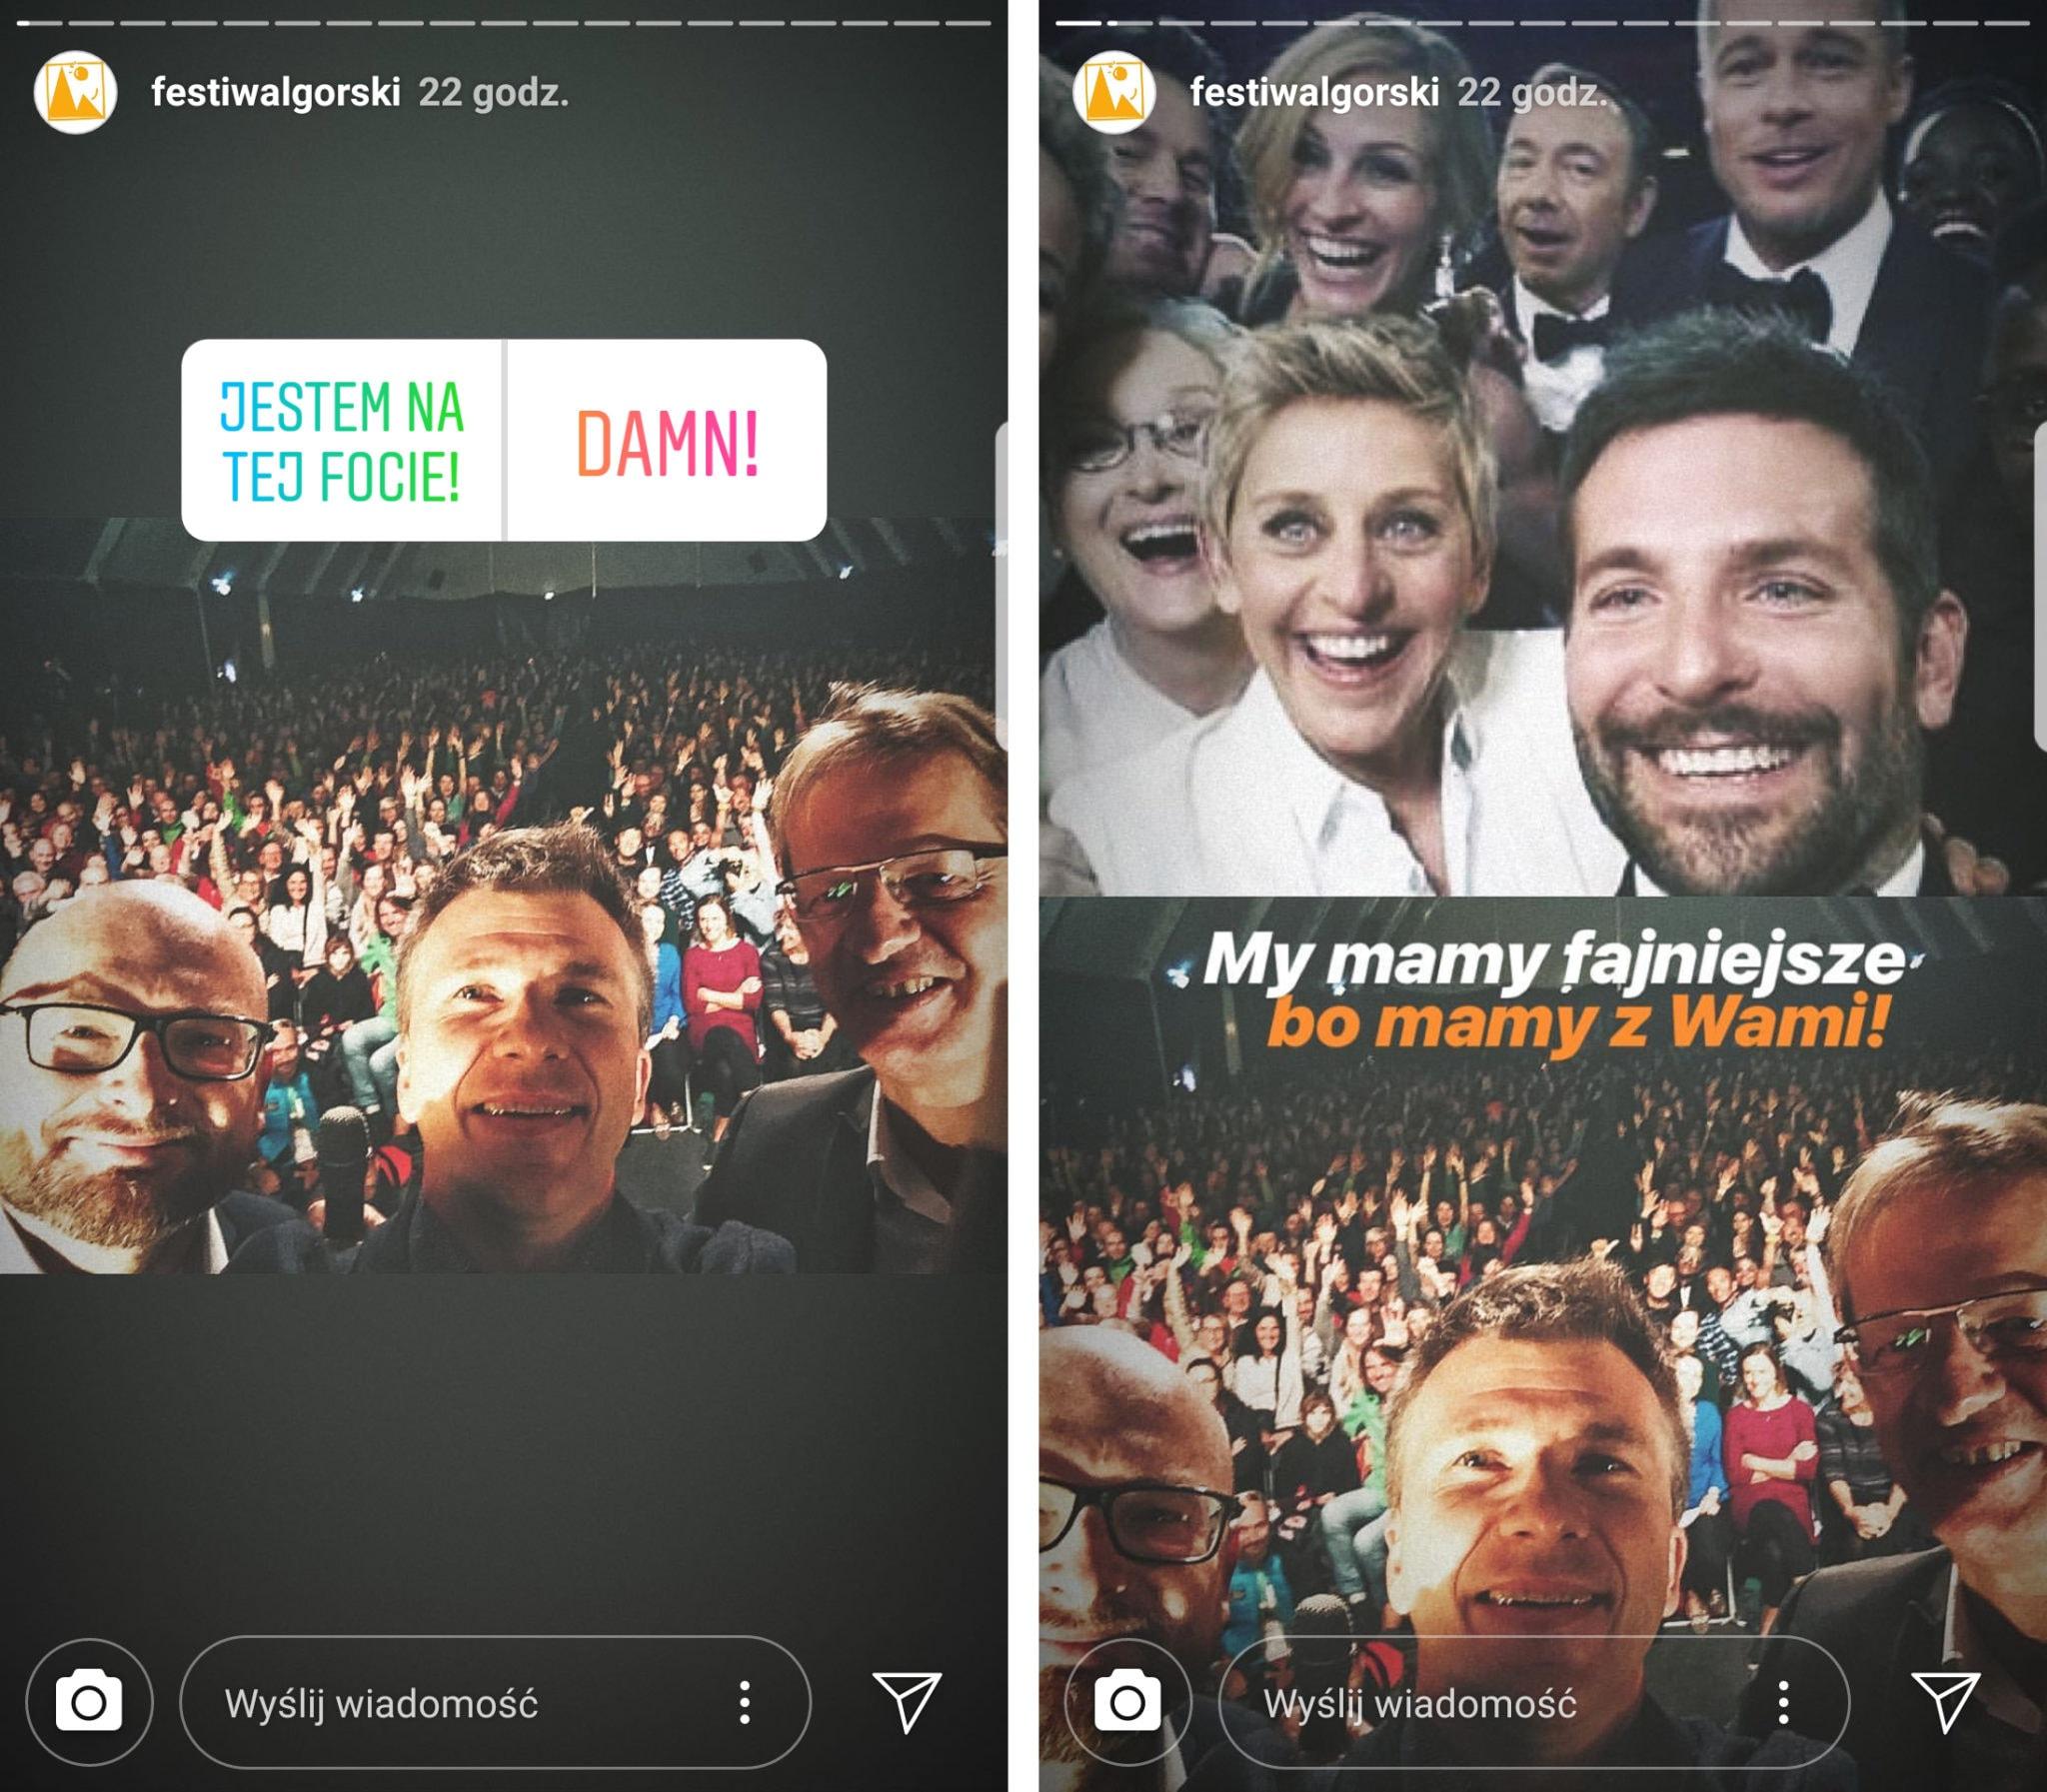 Festiwal-Górski-selfie